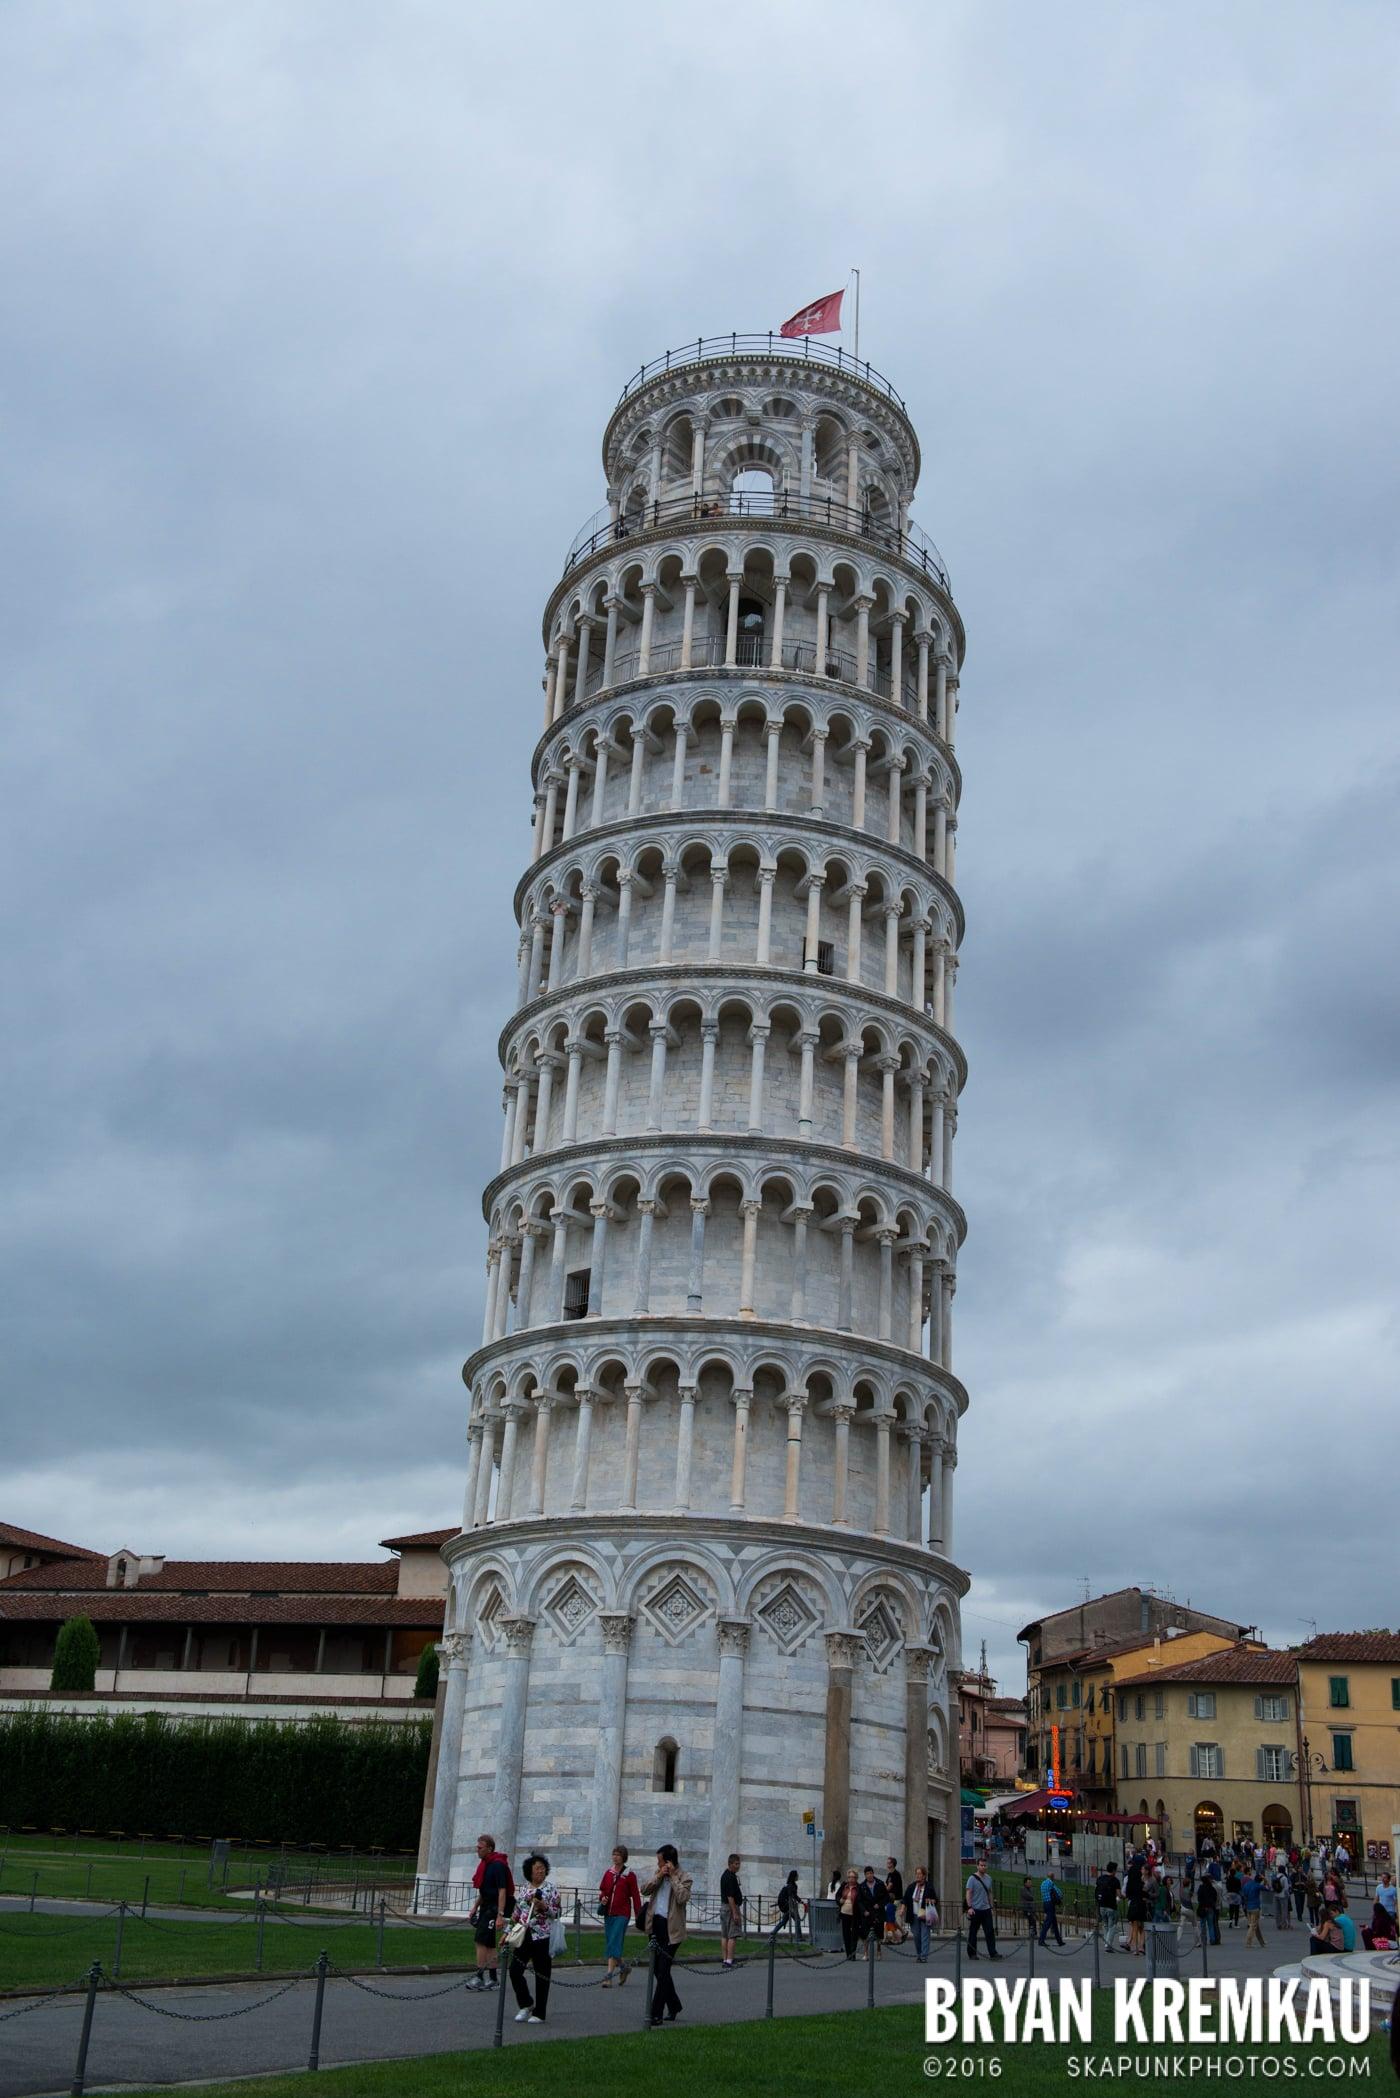 Italy Vacation - Day 8: Siena, San Gimignano, Chianti, Pisa - 9.16.13 (31)